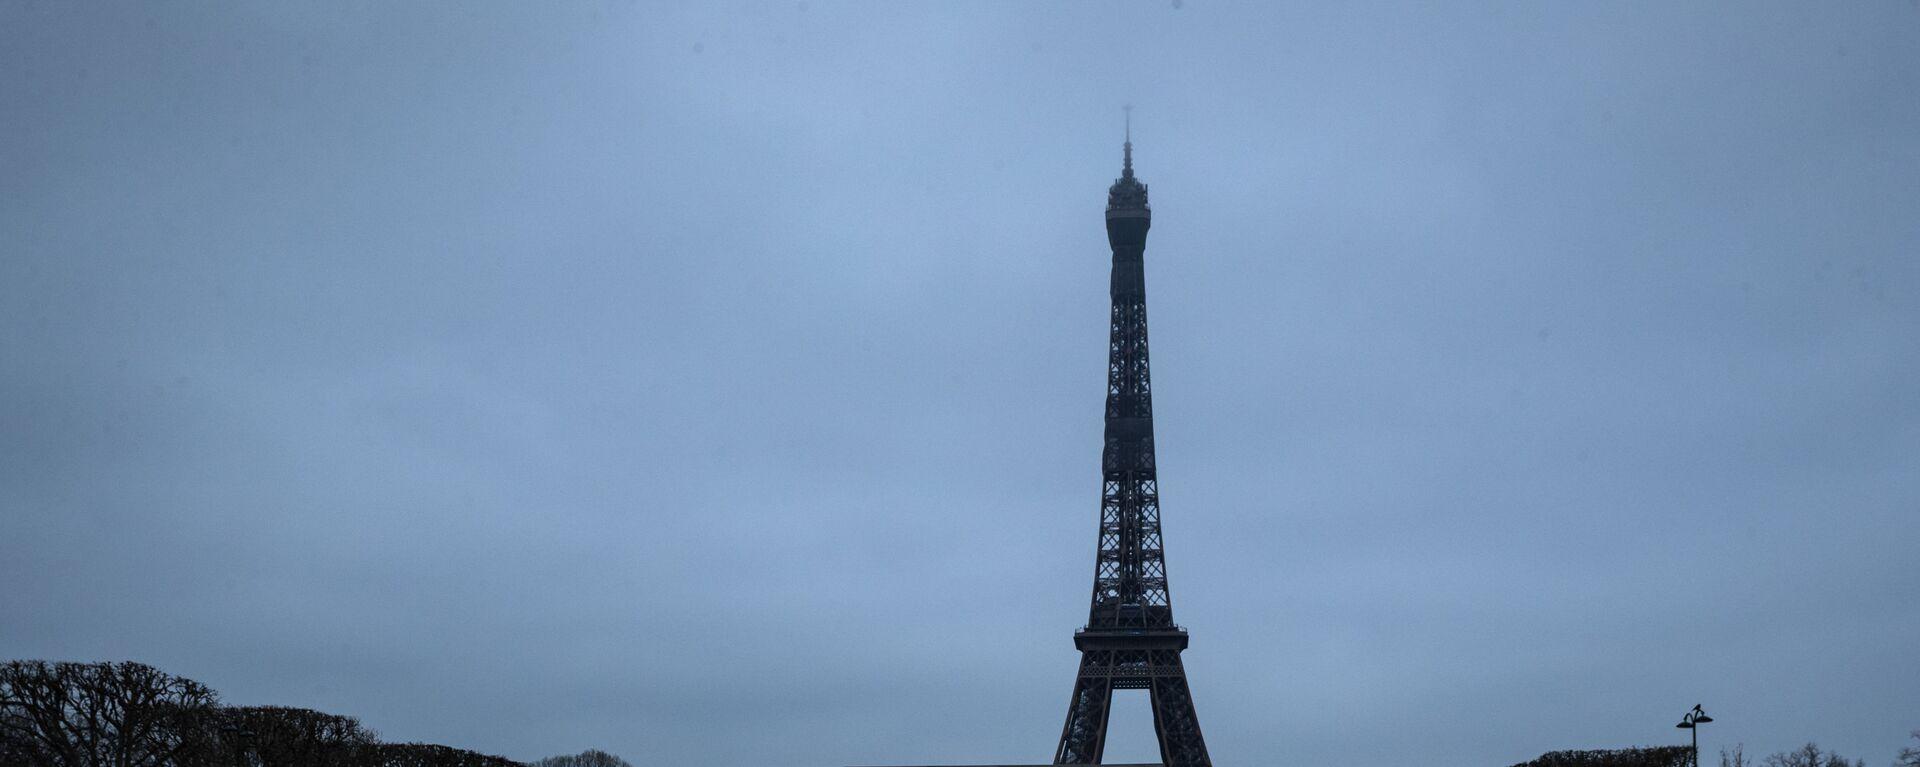 Κορονοϊός στο Παρίσι - Sputnik Ελλάδα, 1920, 17.09.2021